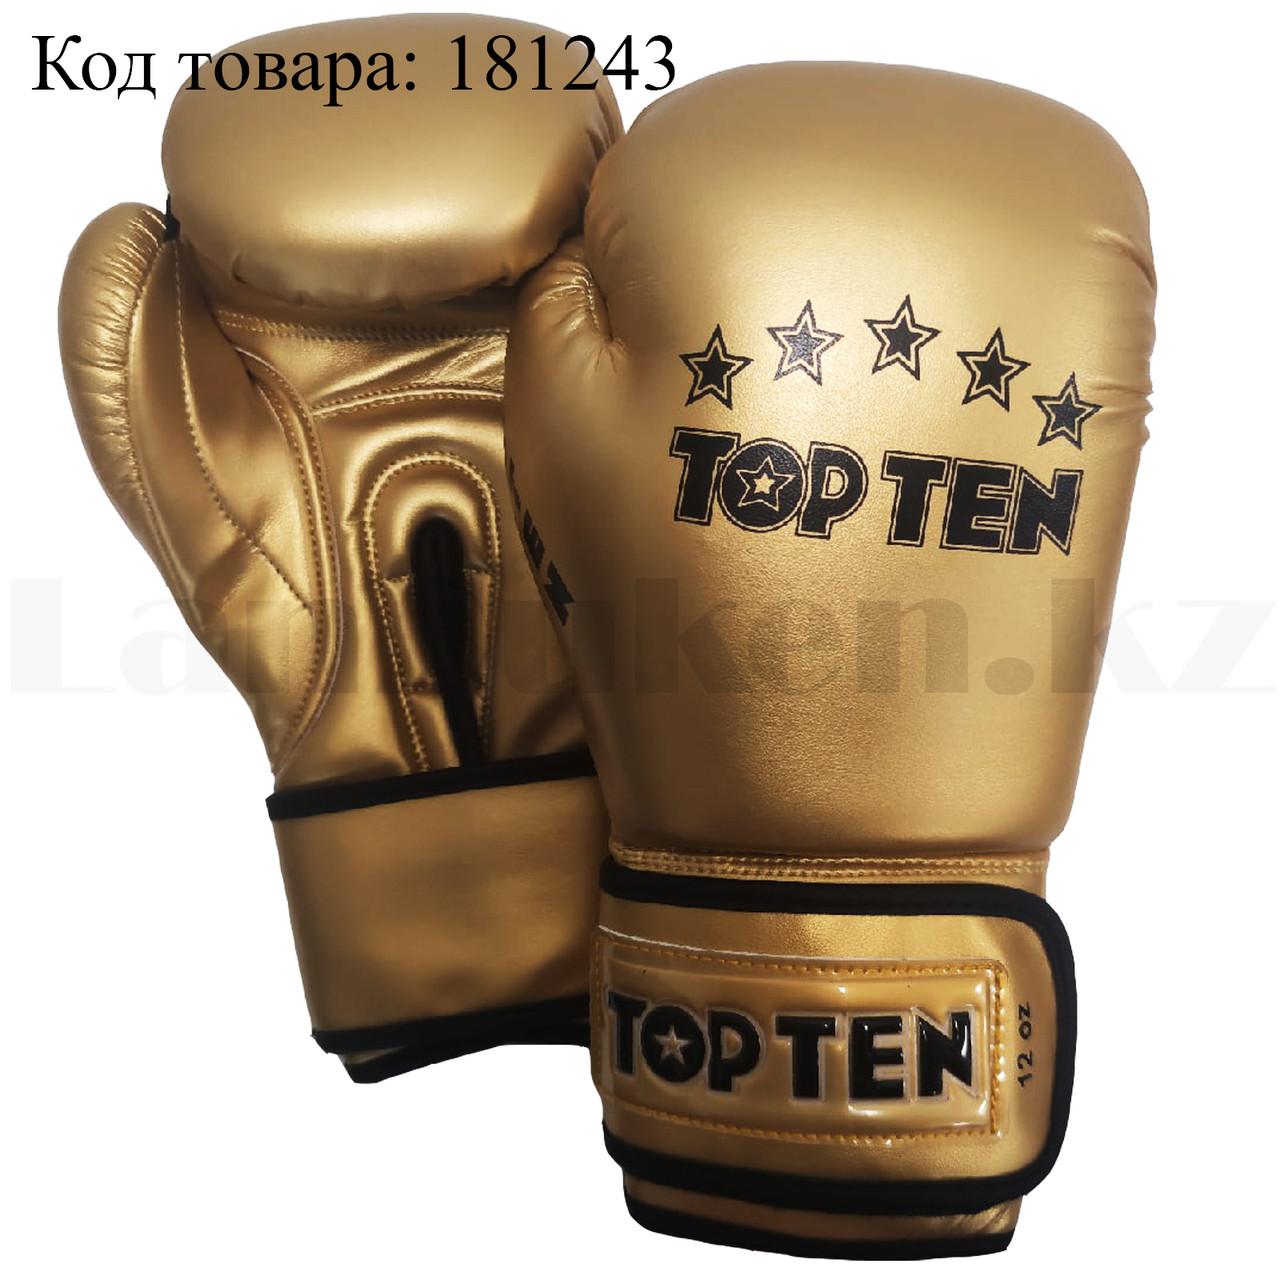 Боксерские перчатки Top Ten 12-OZ золотые - фото 1